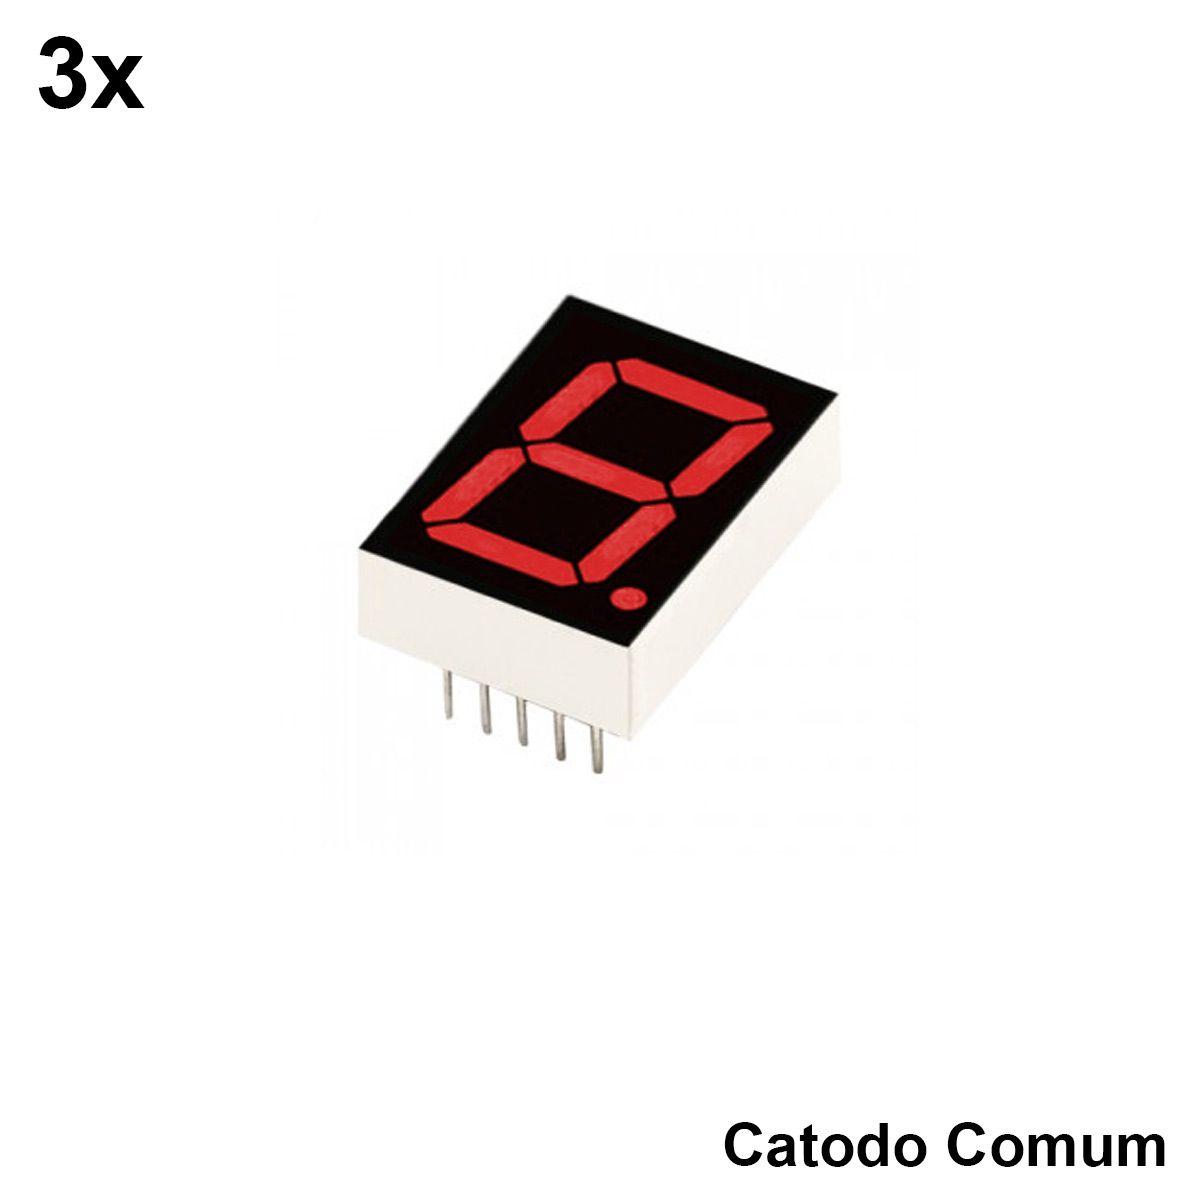 3x Display 7 Segmento 1 Dígito Vermelho Catodo Comum - 5161AS